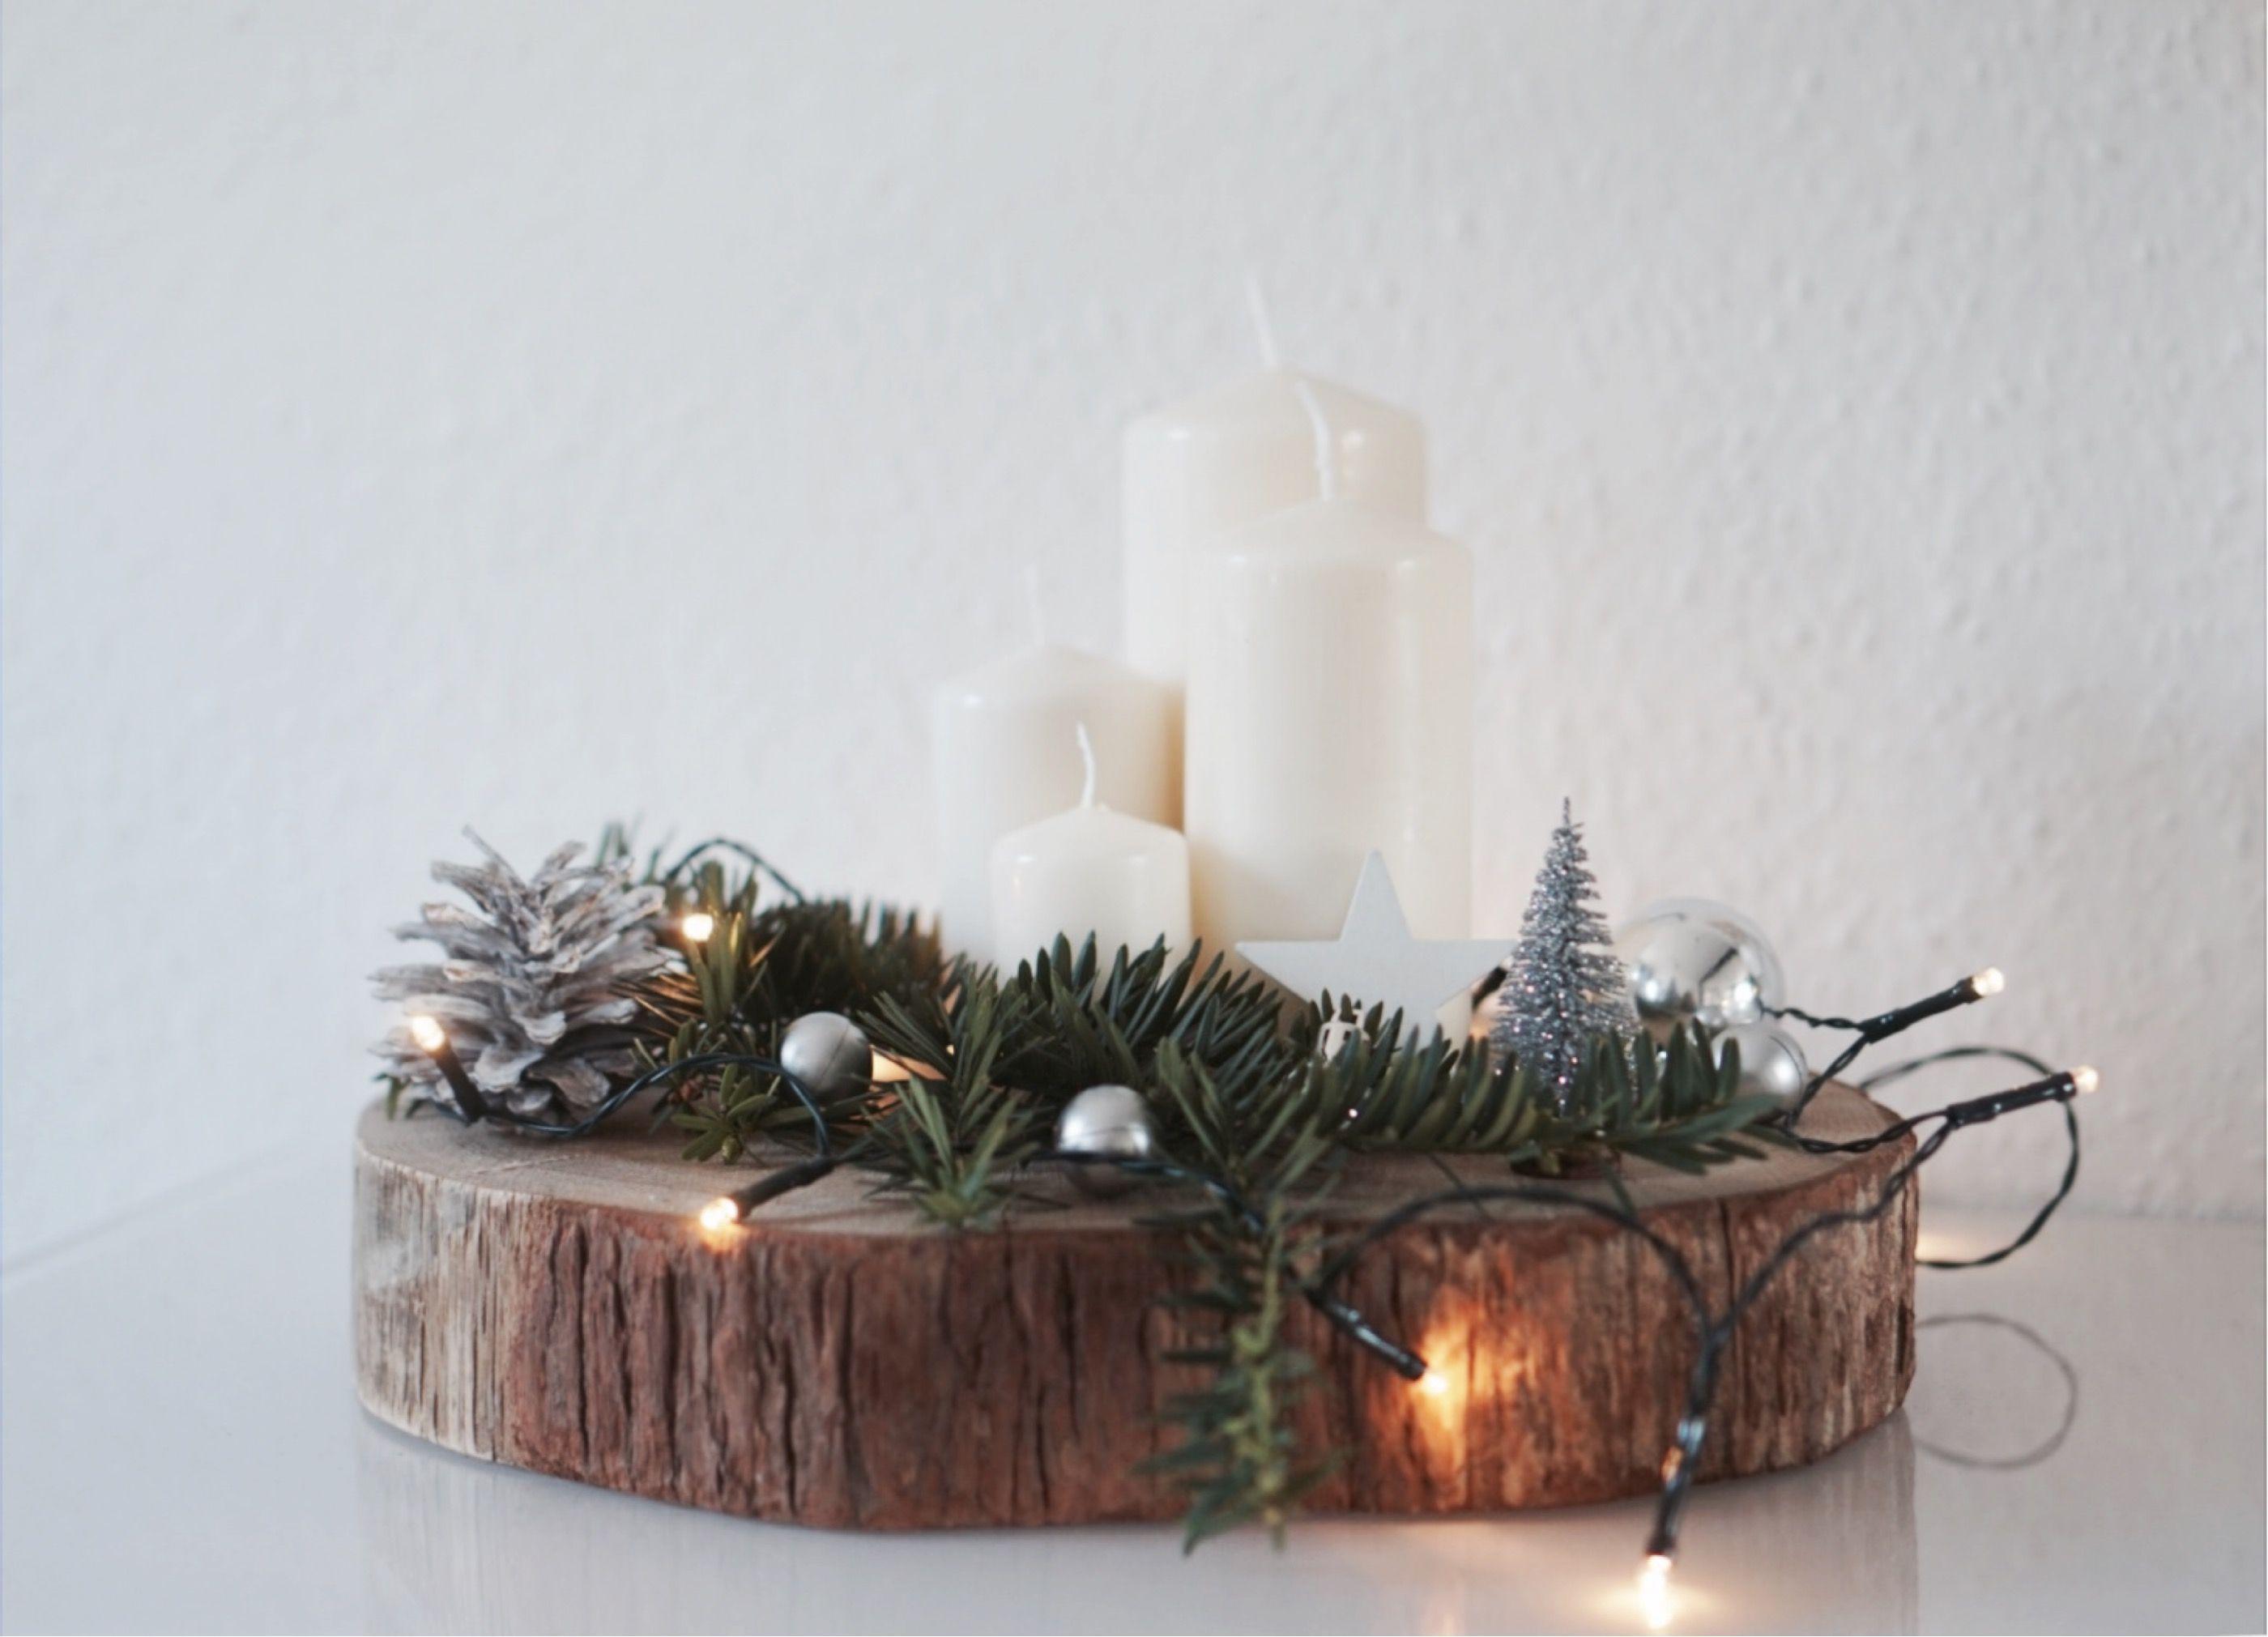 Adventskranz Advent Diy Baumscheibe Weihnachten Tannenzweige